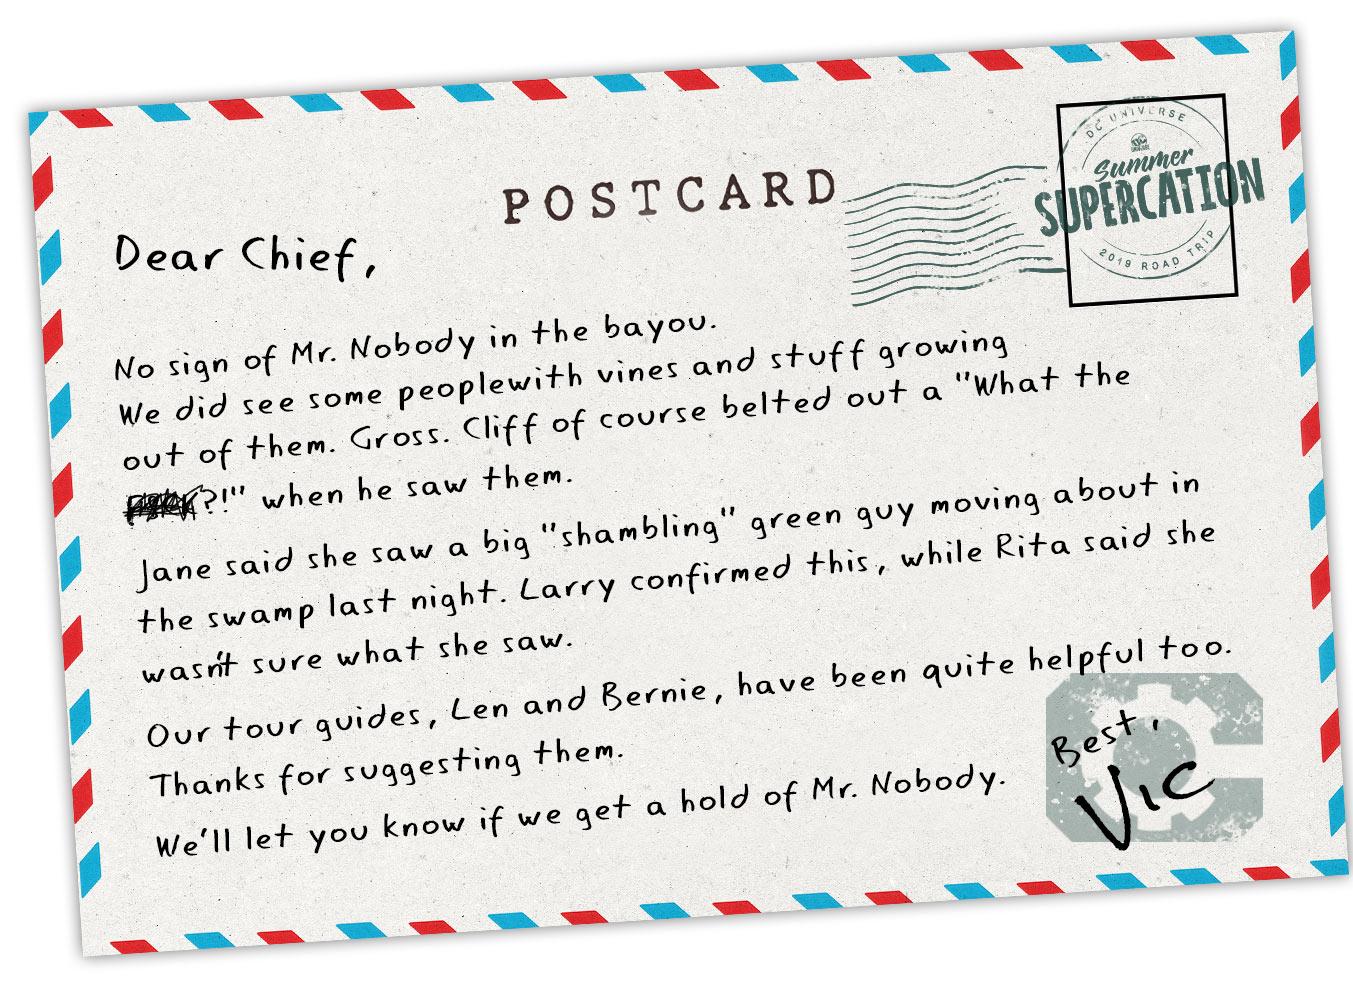 bayou_postcards_190607_v4.jpg